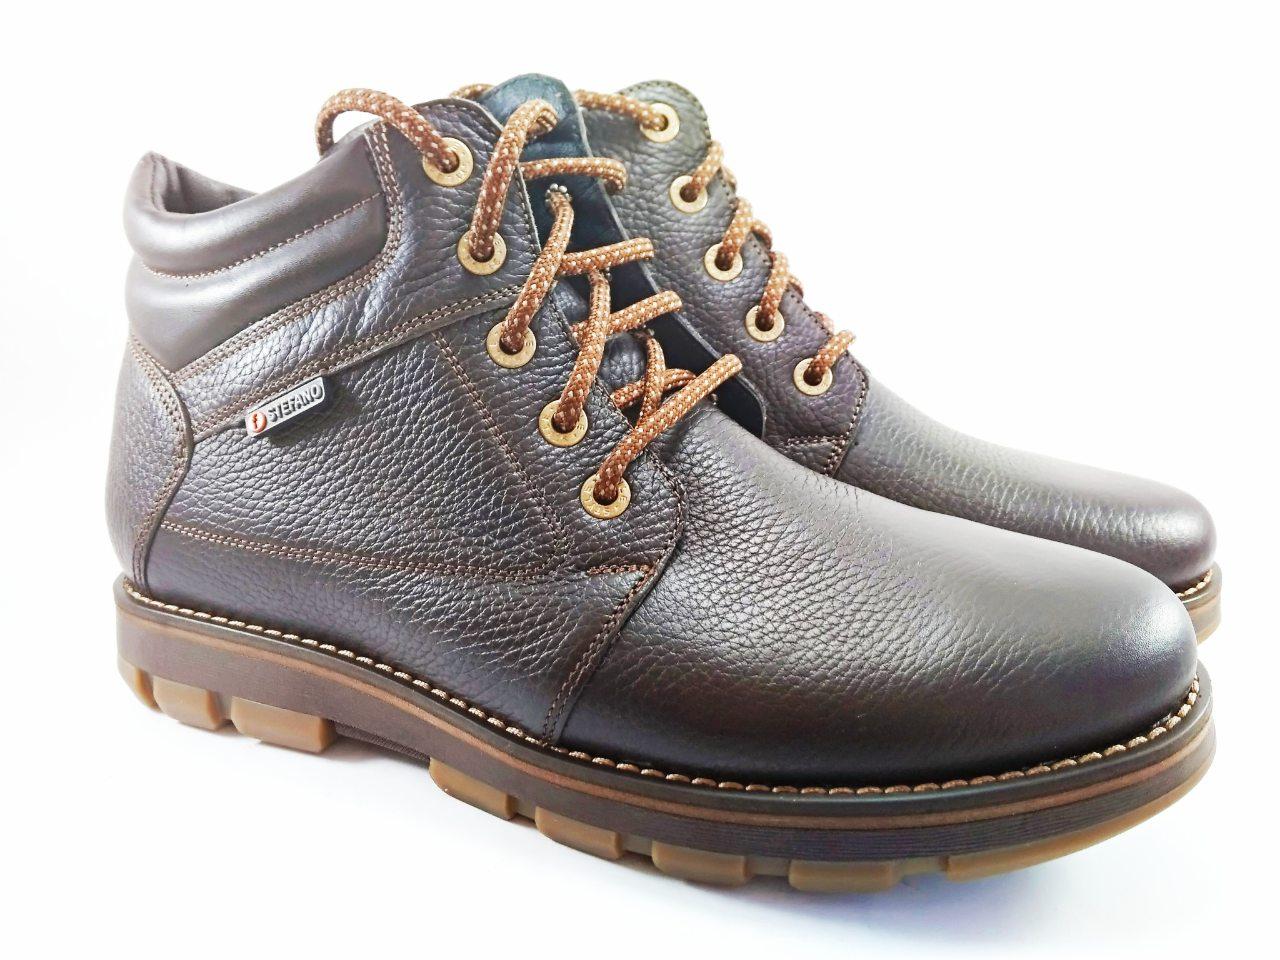 Взуття на сезон  Черевики шкіряні зимові коричневі ТМ Stefano 39-46 31fc5c810d5ea